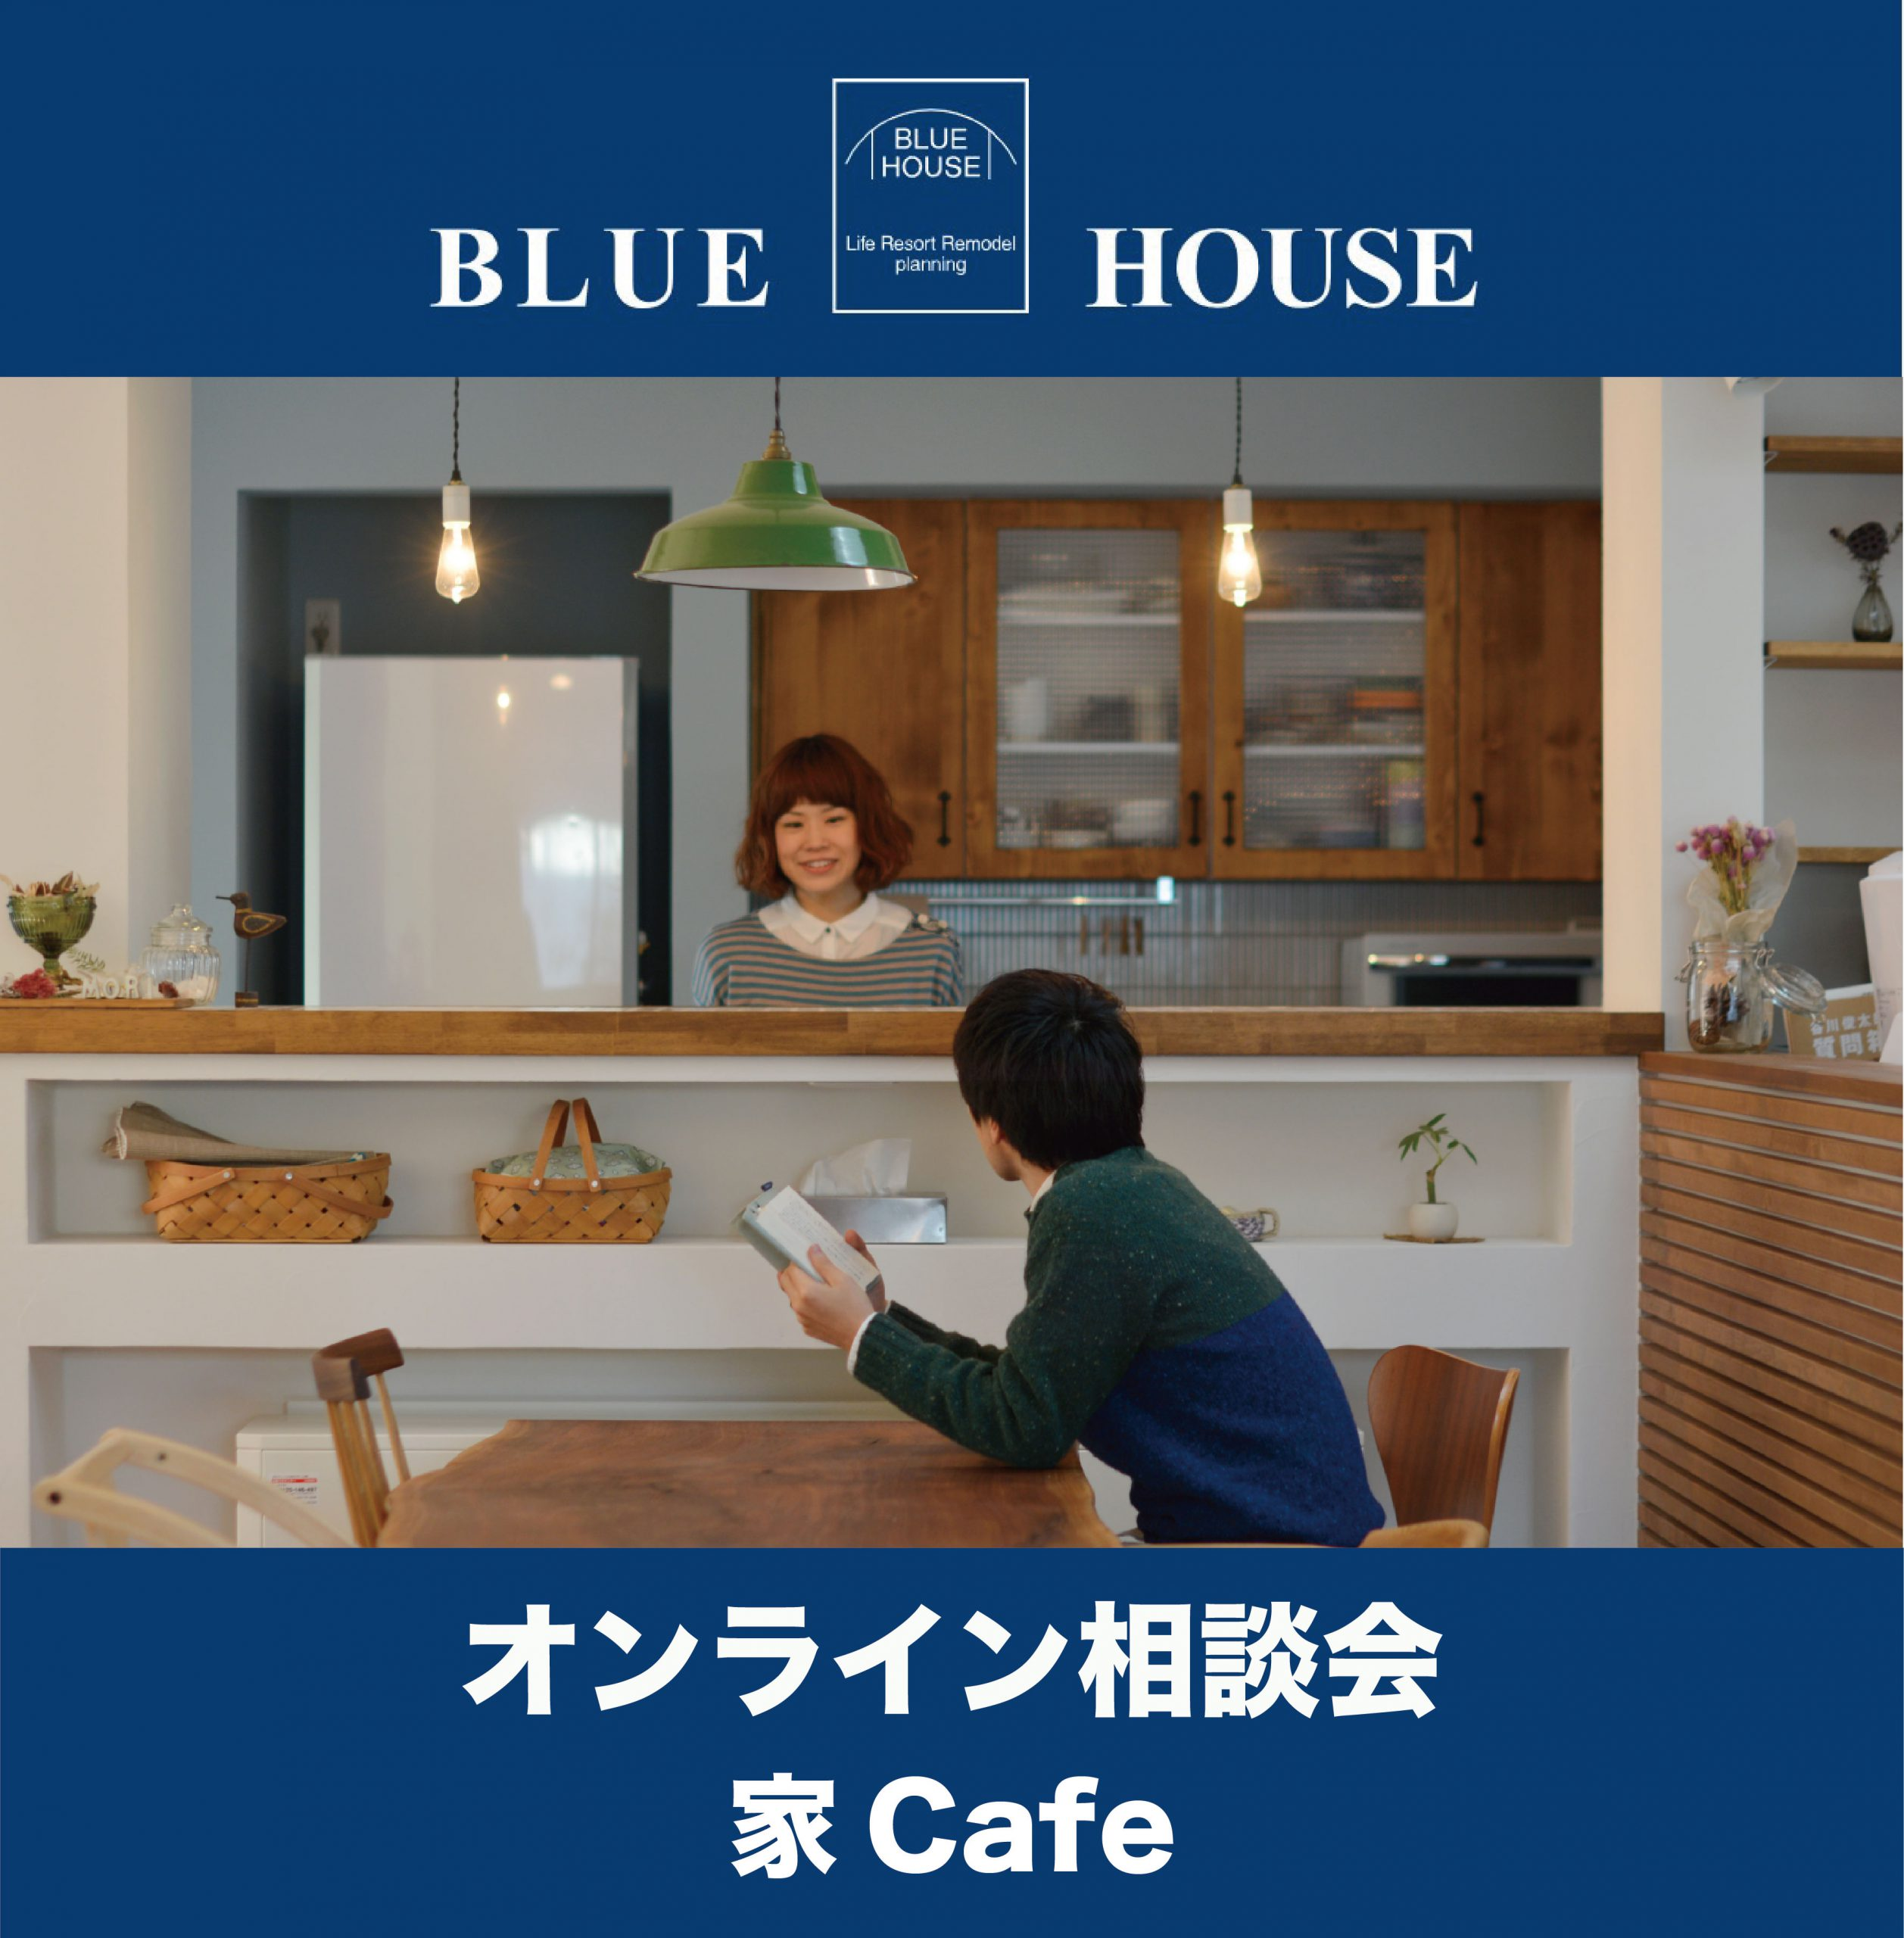 BLUE HOSEでは愛知・名古屋・豊橋近郊で家づくりを検討されている方に家づくりオンライン相談会を開催中です。家づくり、間取りの考え方、資金計画などの疑問に、ご自宅にいながら専任スタッフがお答えします。